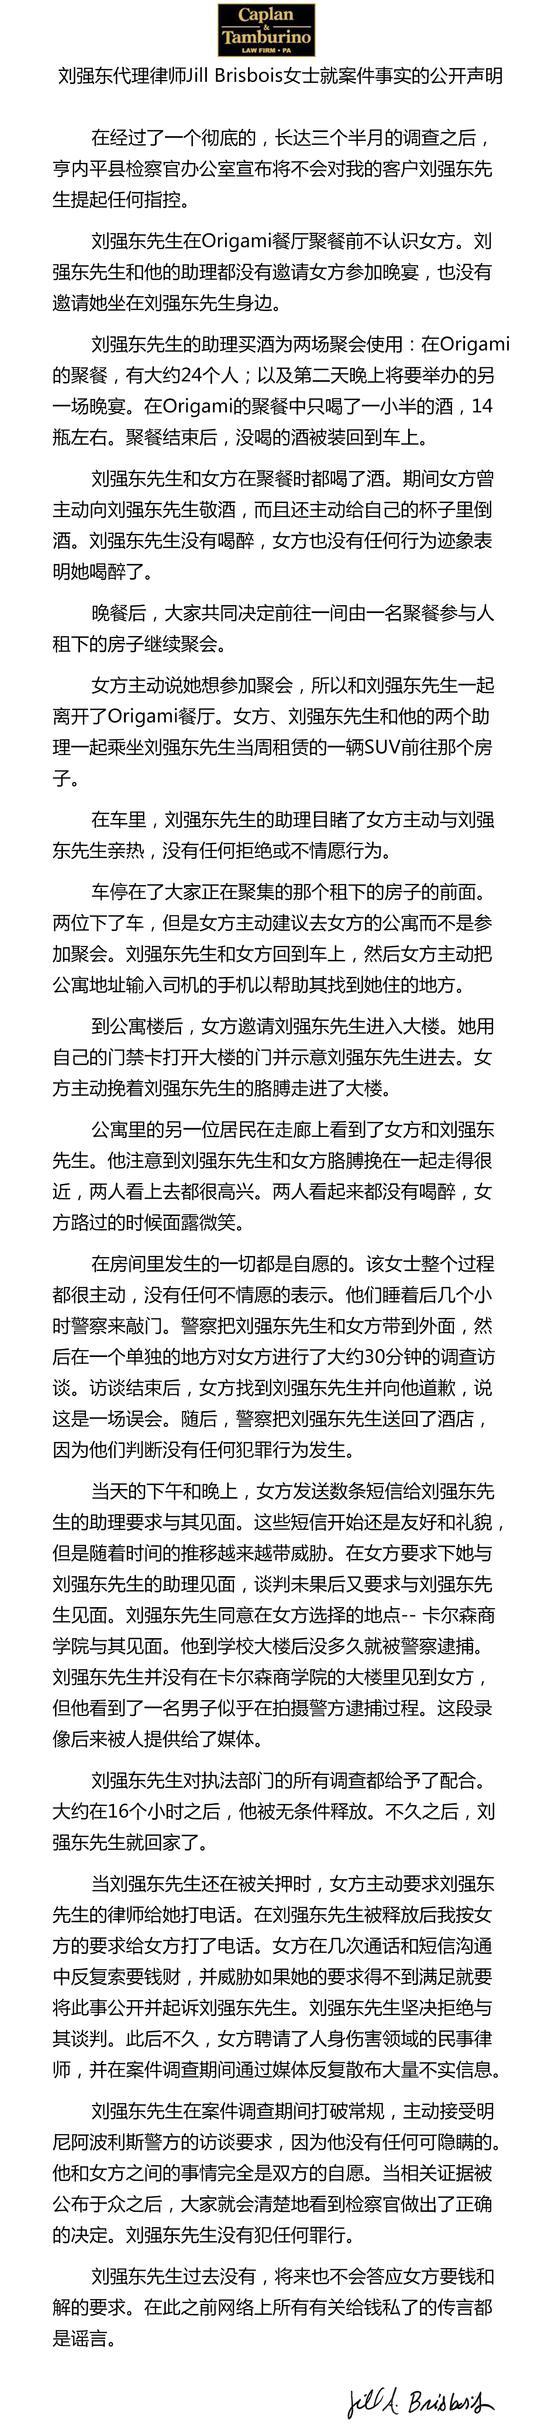 刘强东:十分自责和后悔 全力弥补此事对家庭的创伤